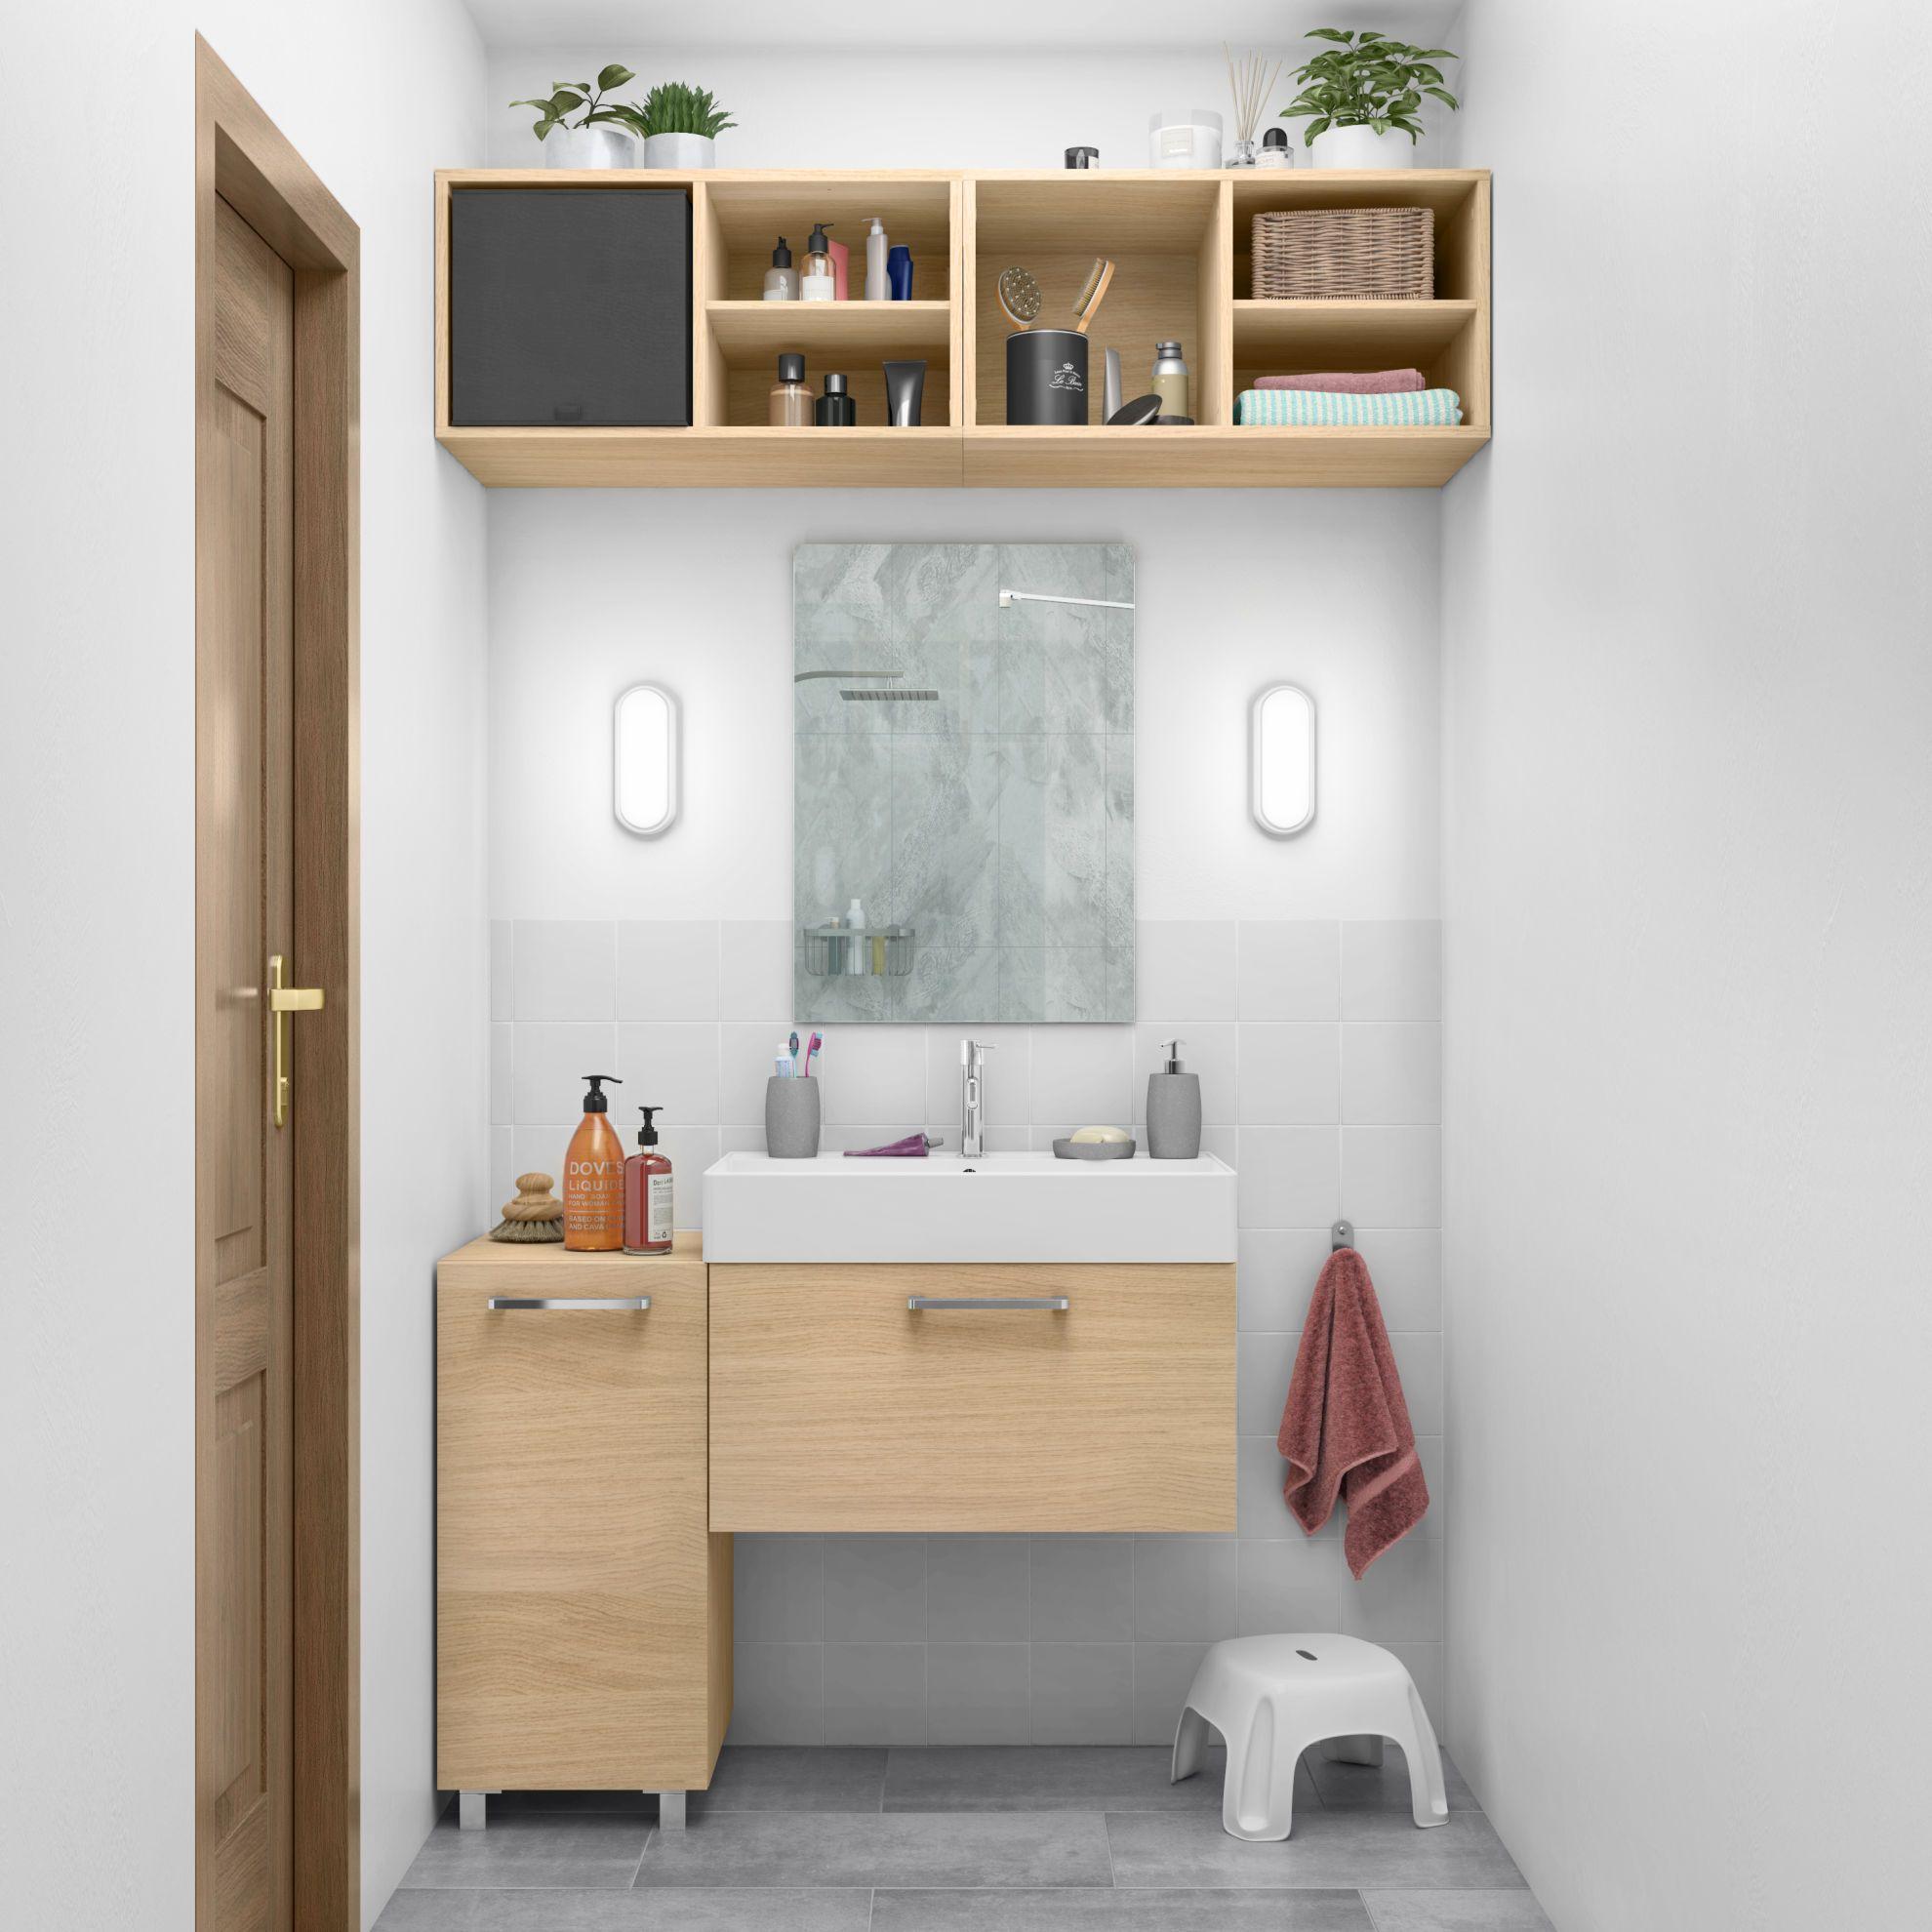 Mobile bagno Easy rovere L 70 cm Bagno e Easy